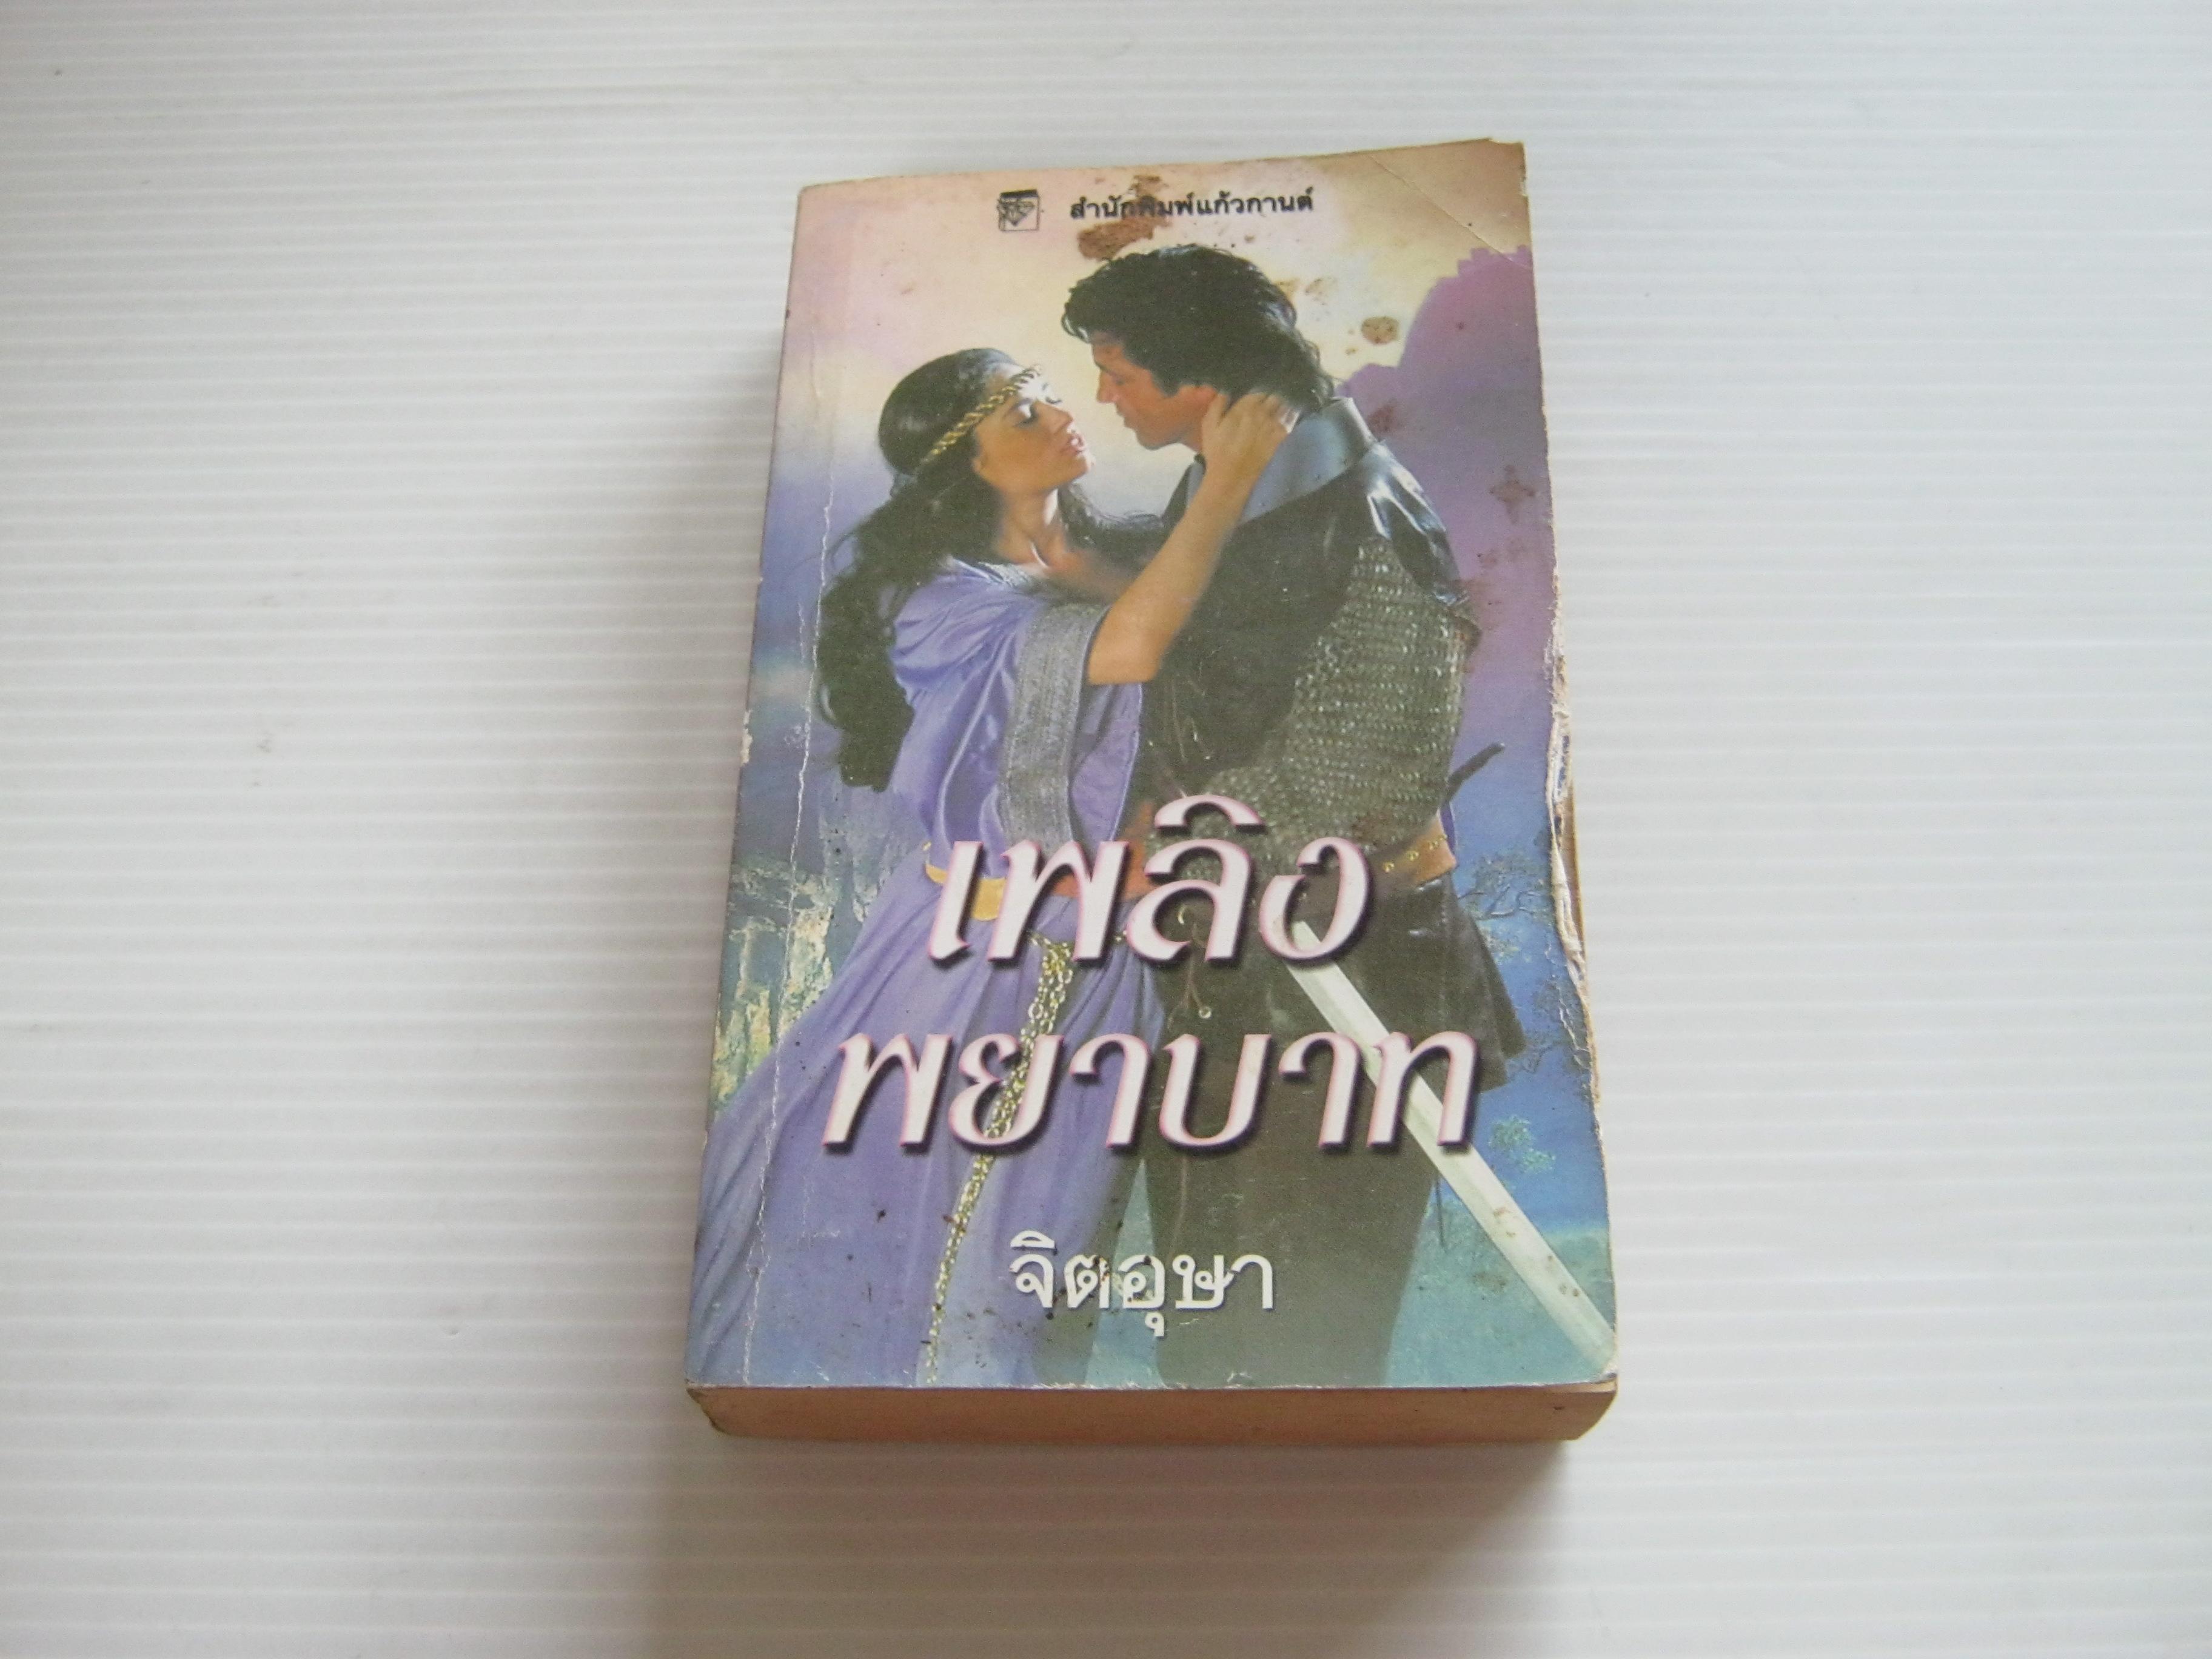 เพลิงพยาบาท แชนนอน เดรค เขียน จิตอุษา แปล